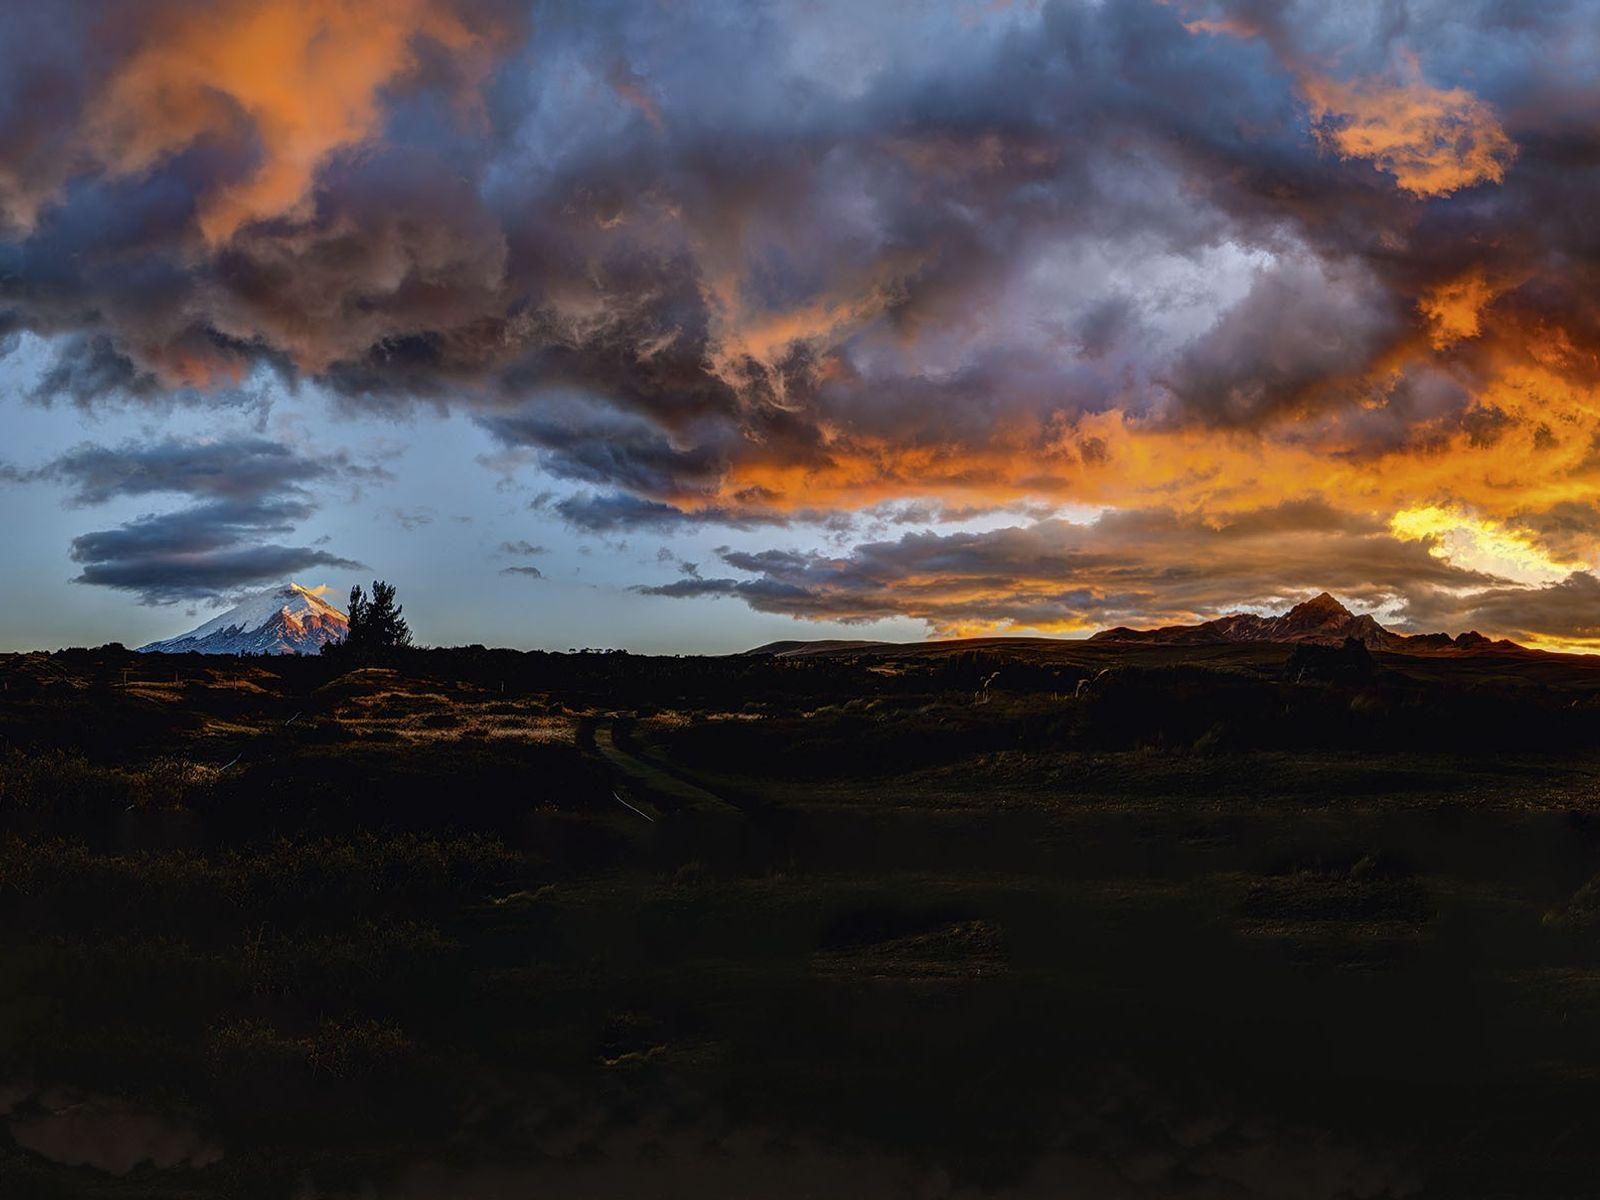 Sunset over Cotopaxi, Ecuador